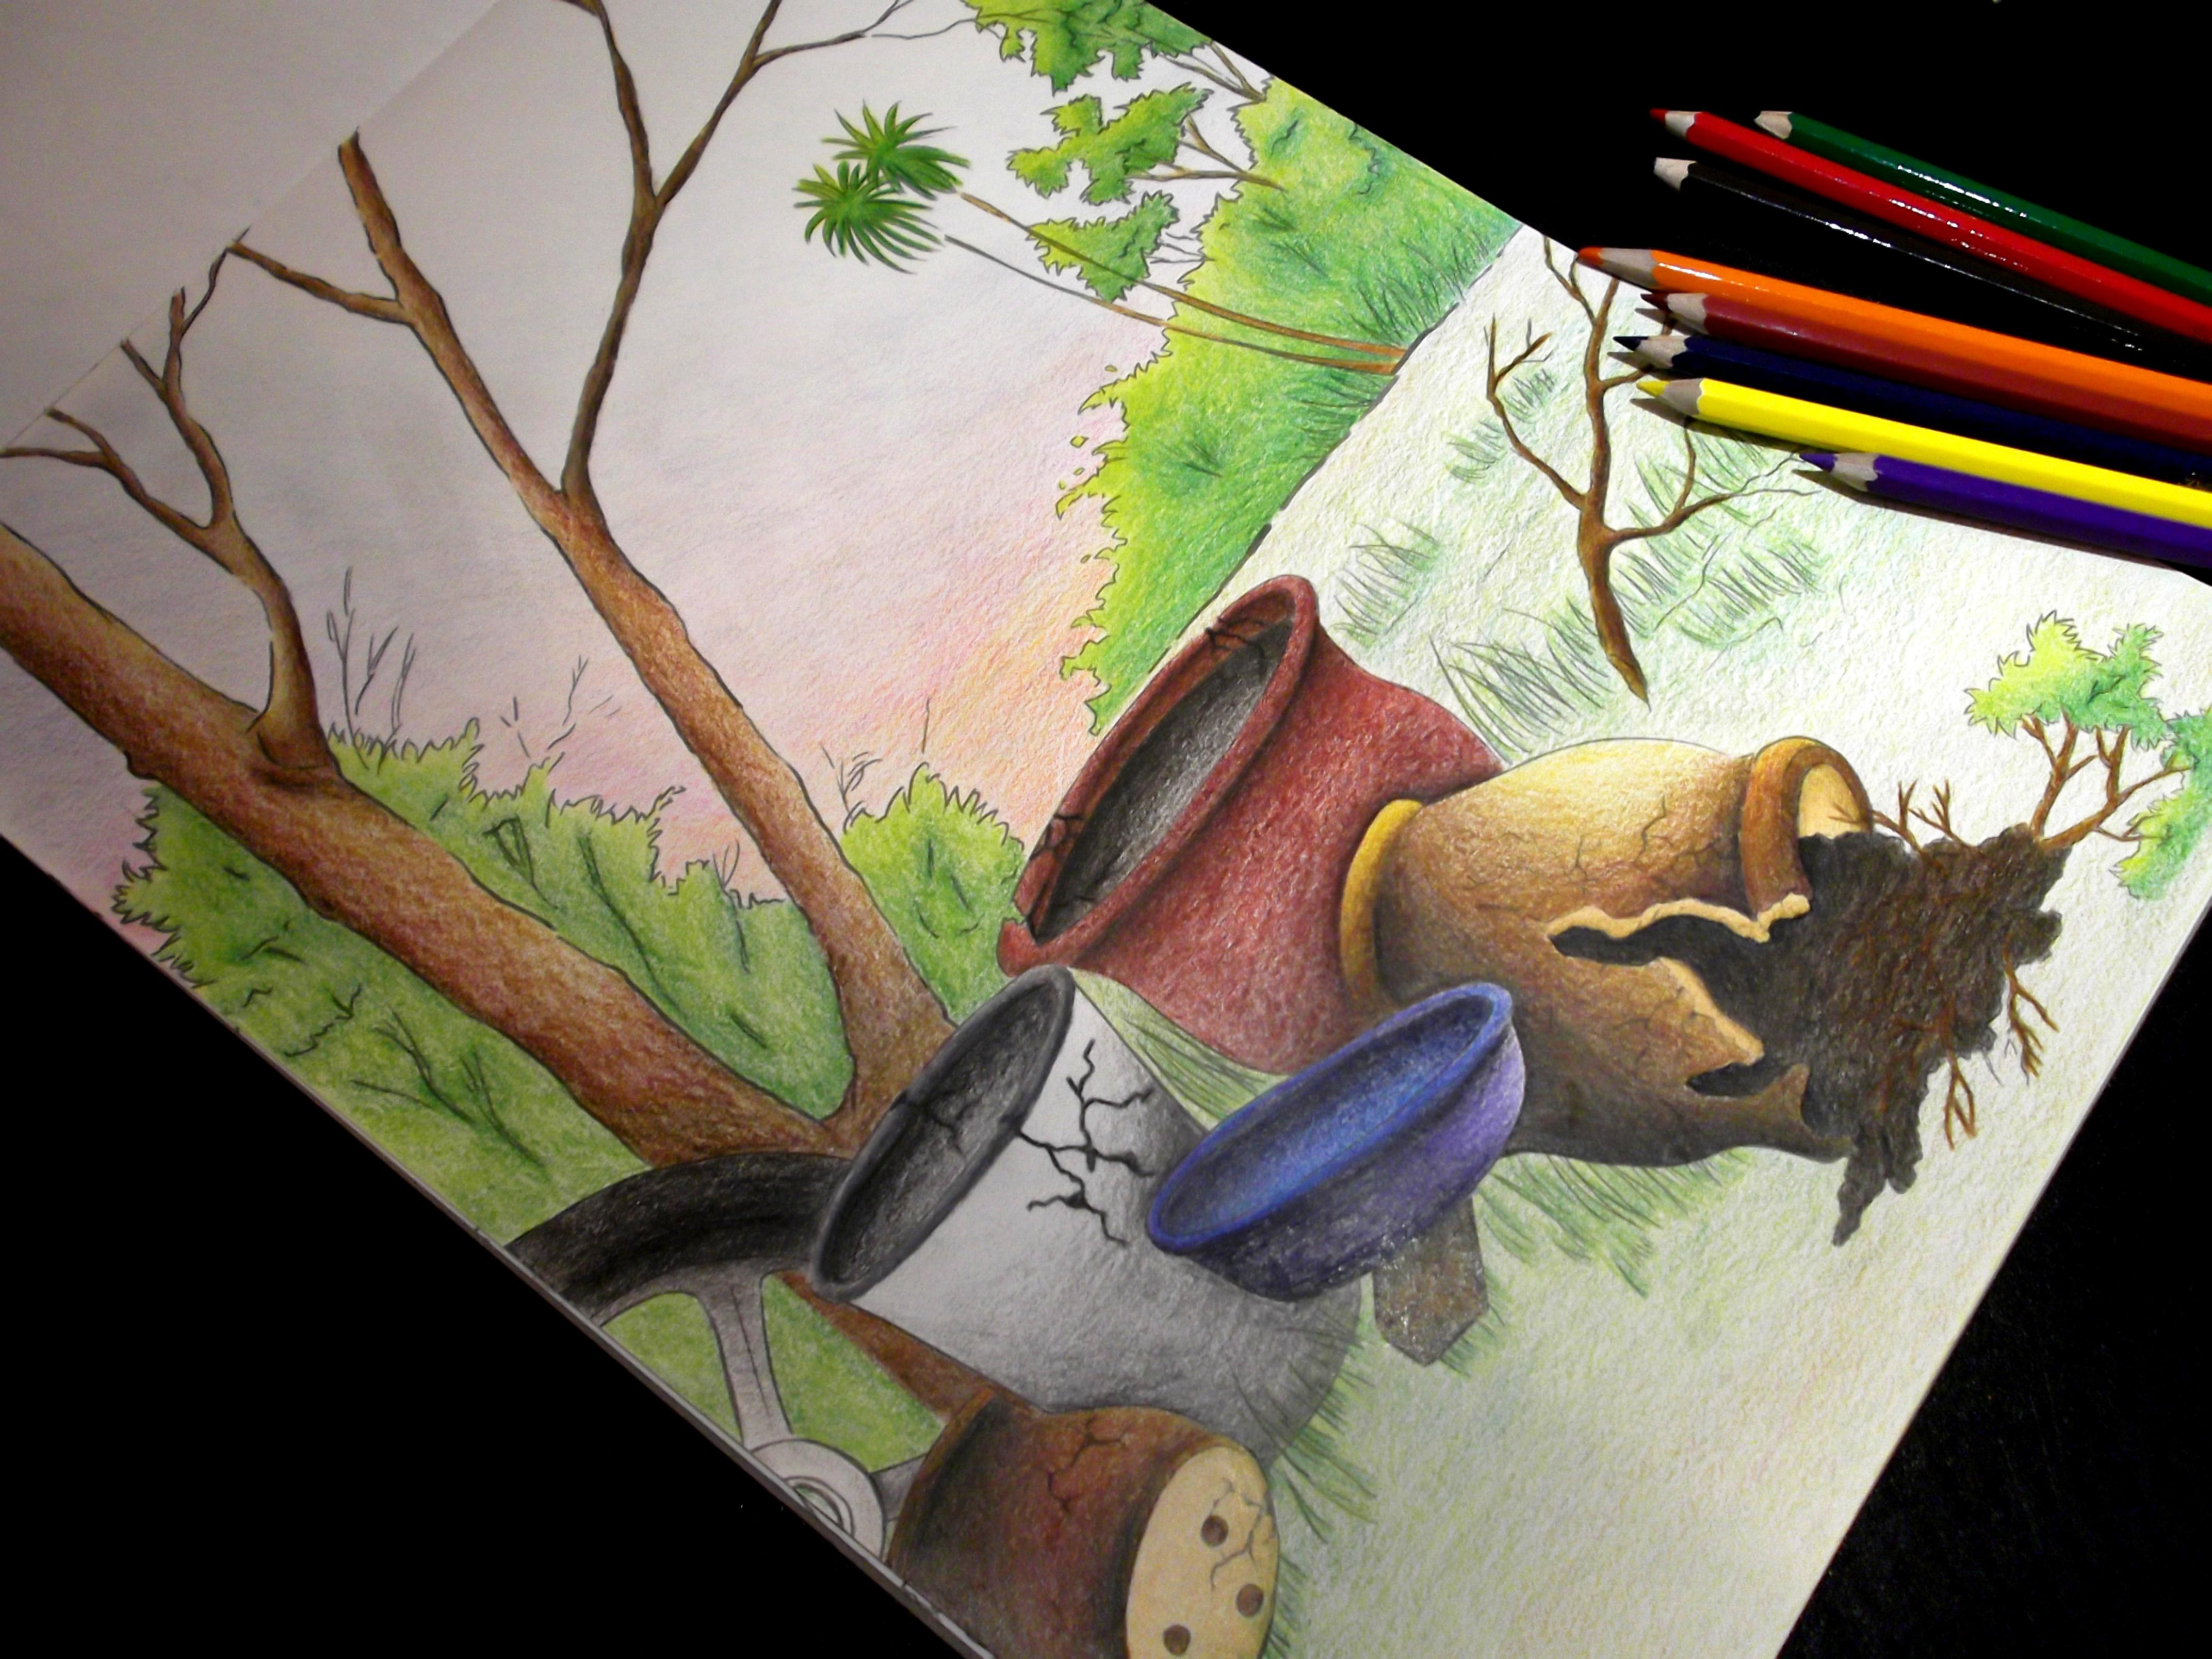 Procrastination by IoaleKelina